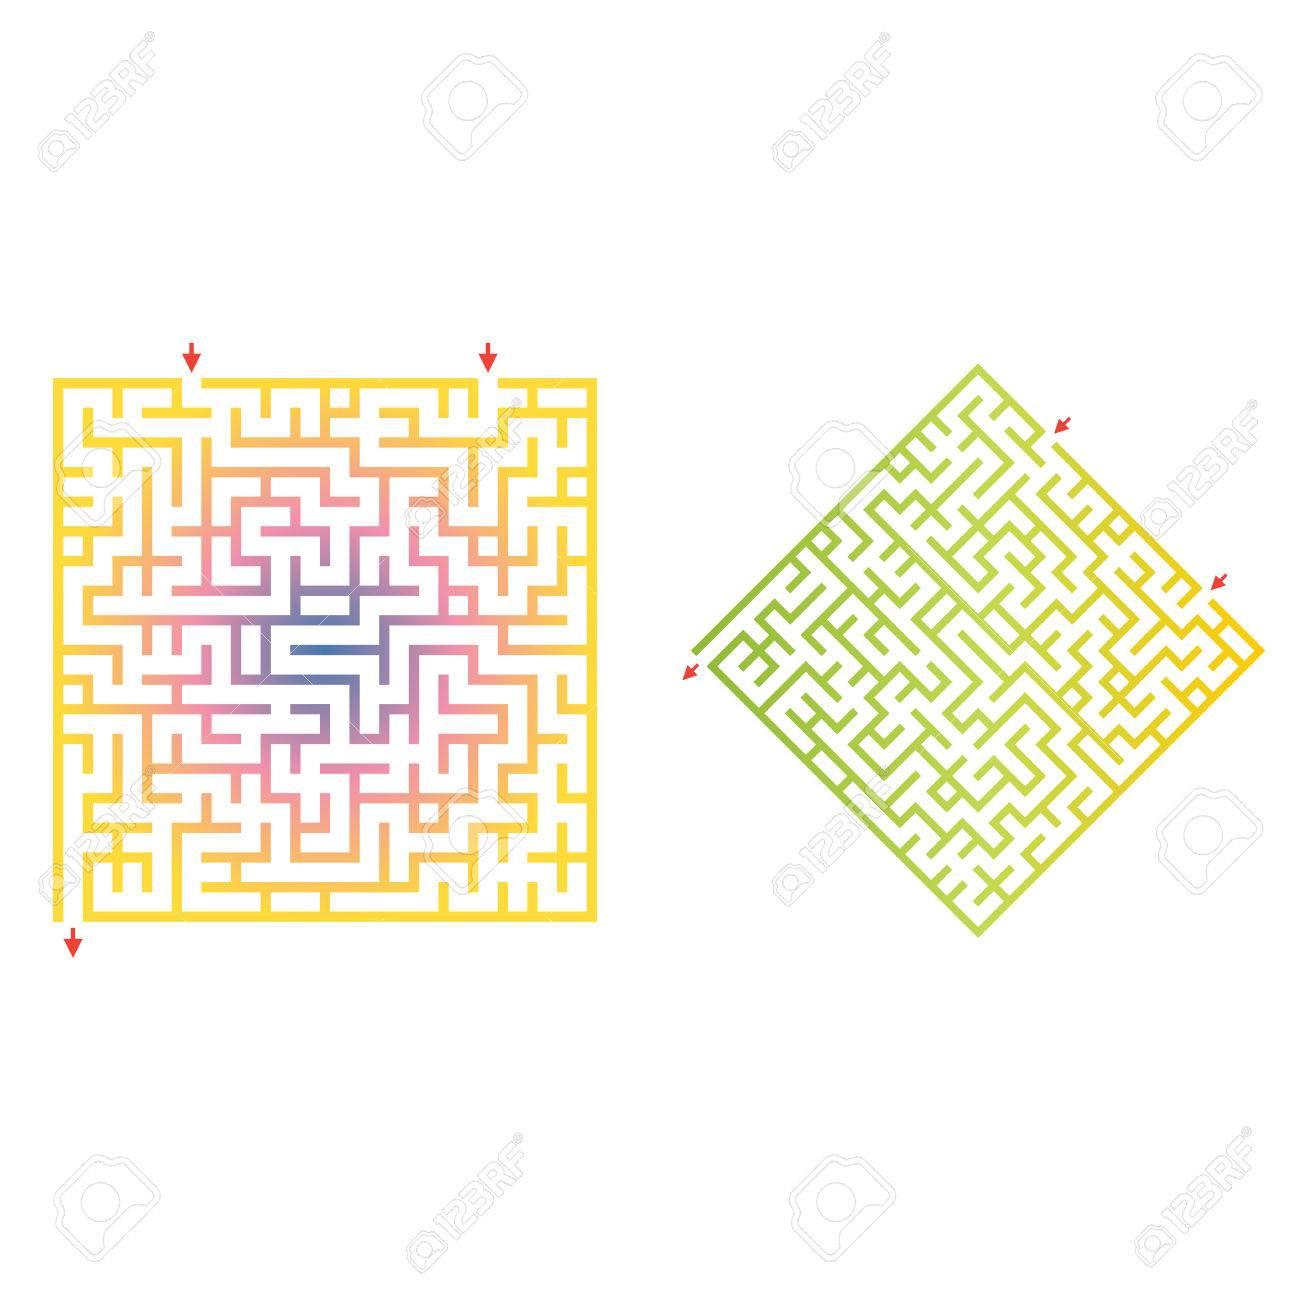 Maze Jeu Pour Les Enfants De Forme Géométrique. Puzzle Pour Enfants D'âge  Préscolaire. Rebus Ou Un Questionnaire Pour L'école à Jeu De Forme Géométrique